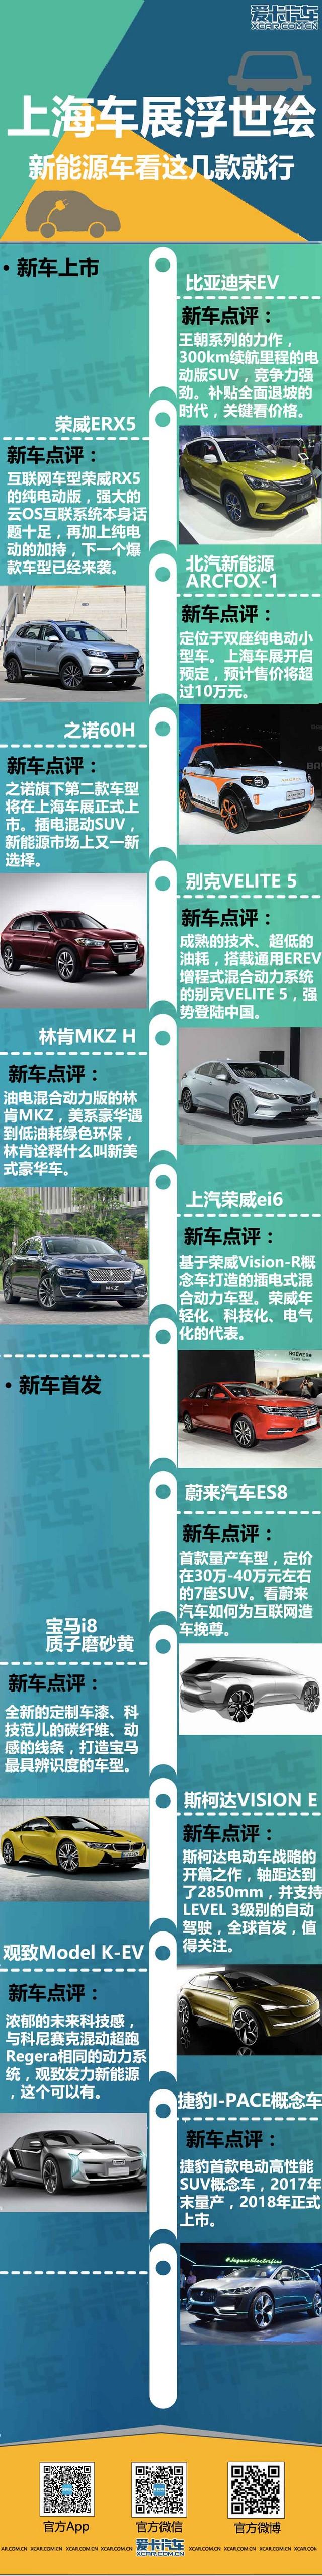 2017上海车展;上海车展新能源车型